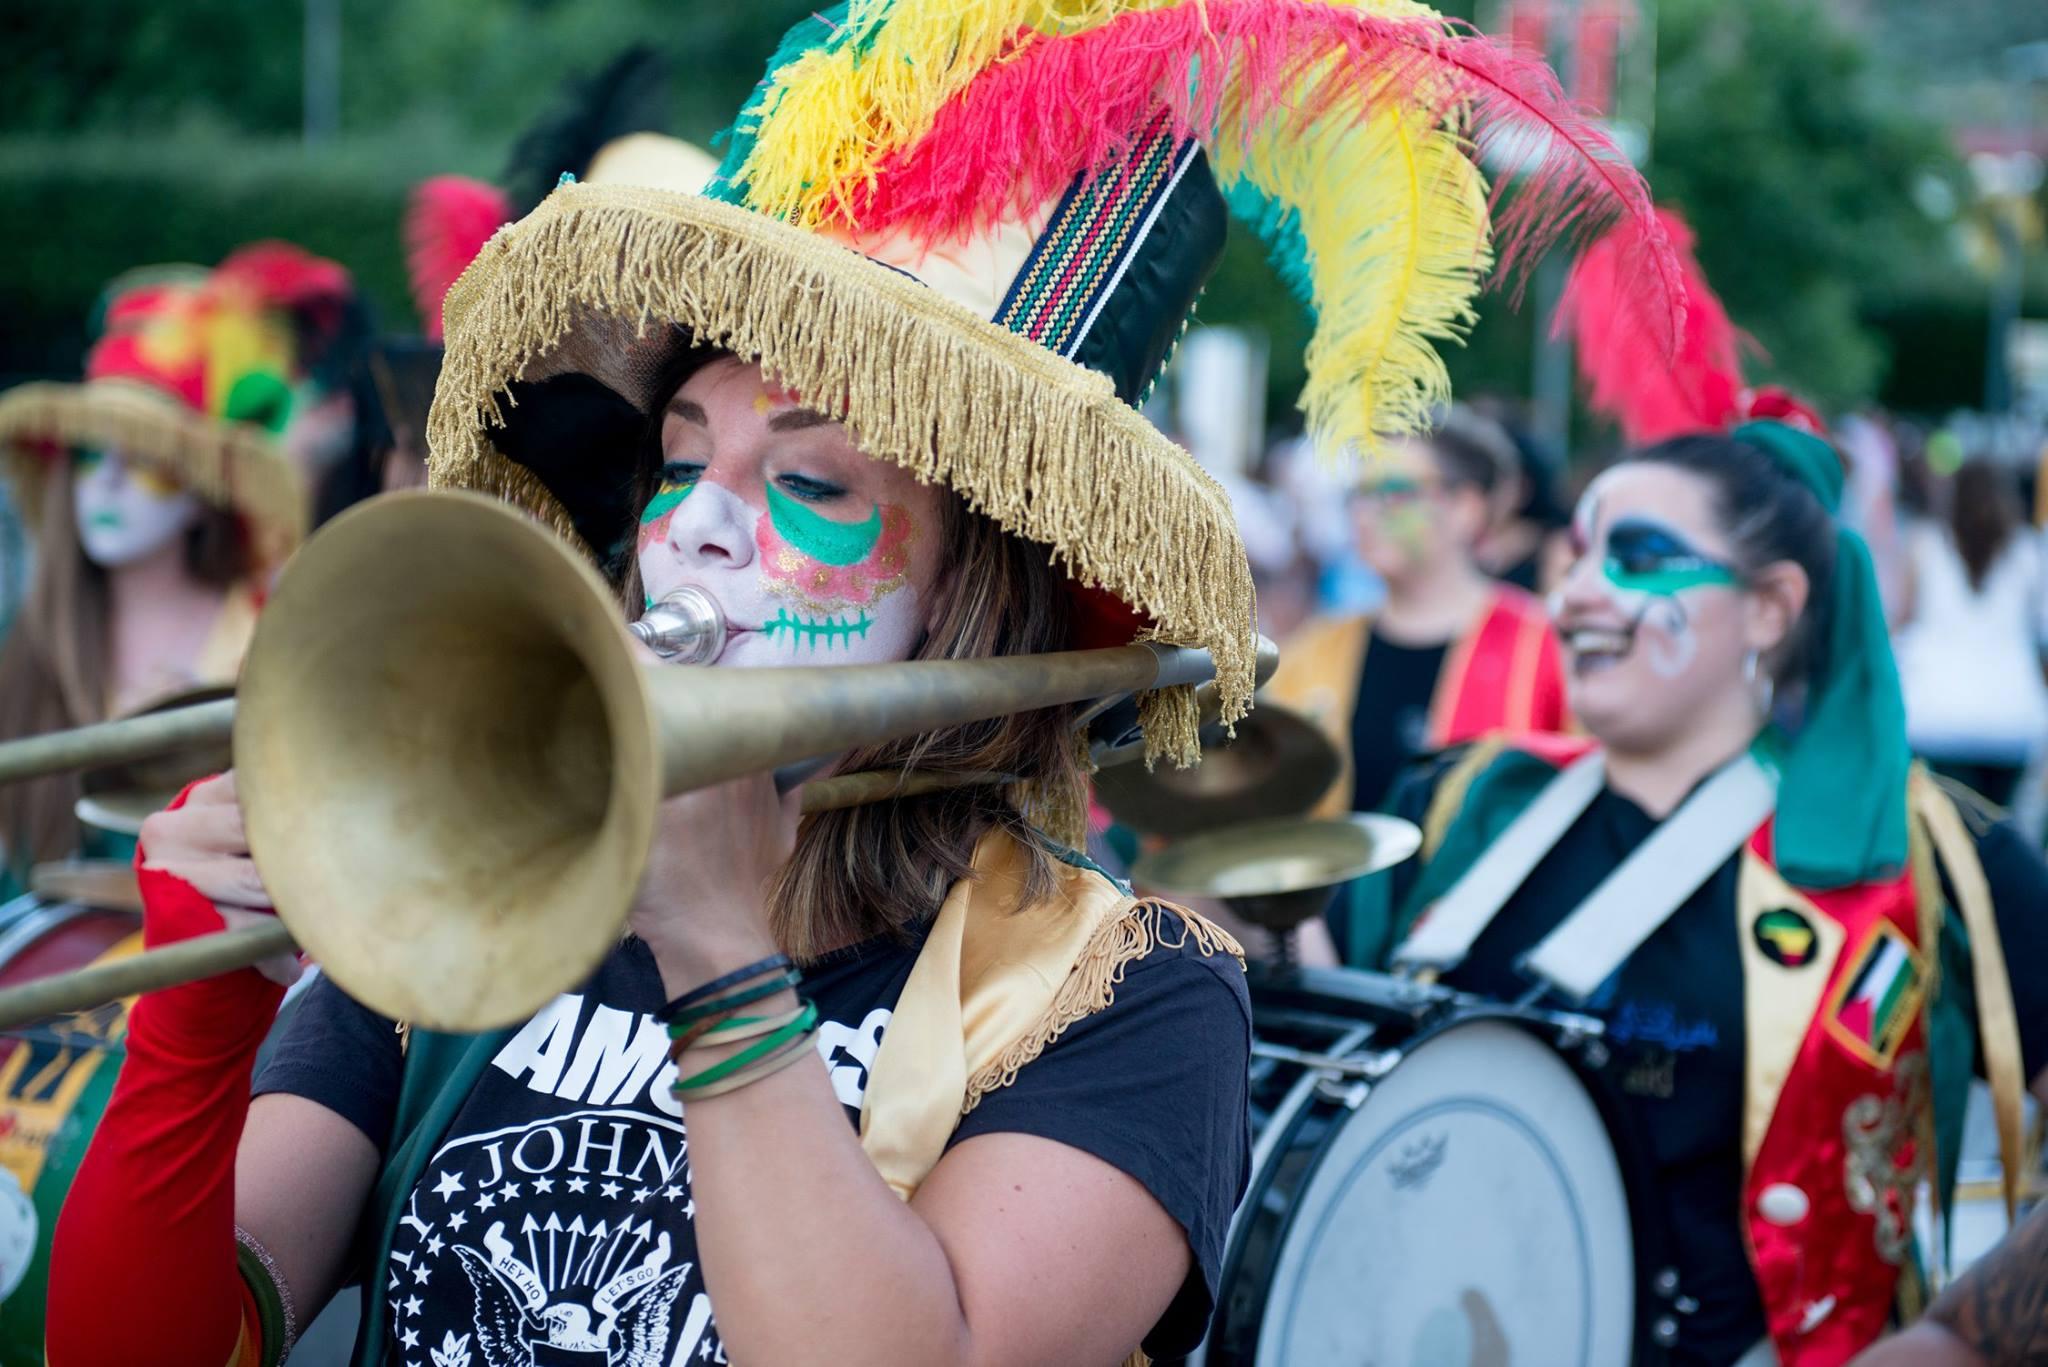 Risultati immagini per Murga Los Espantapajaros organizza il Festival Murguero BATTIPAGLIA